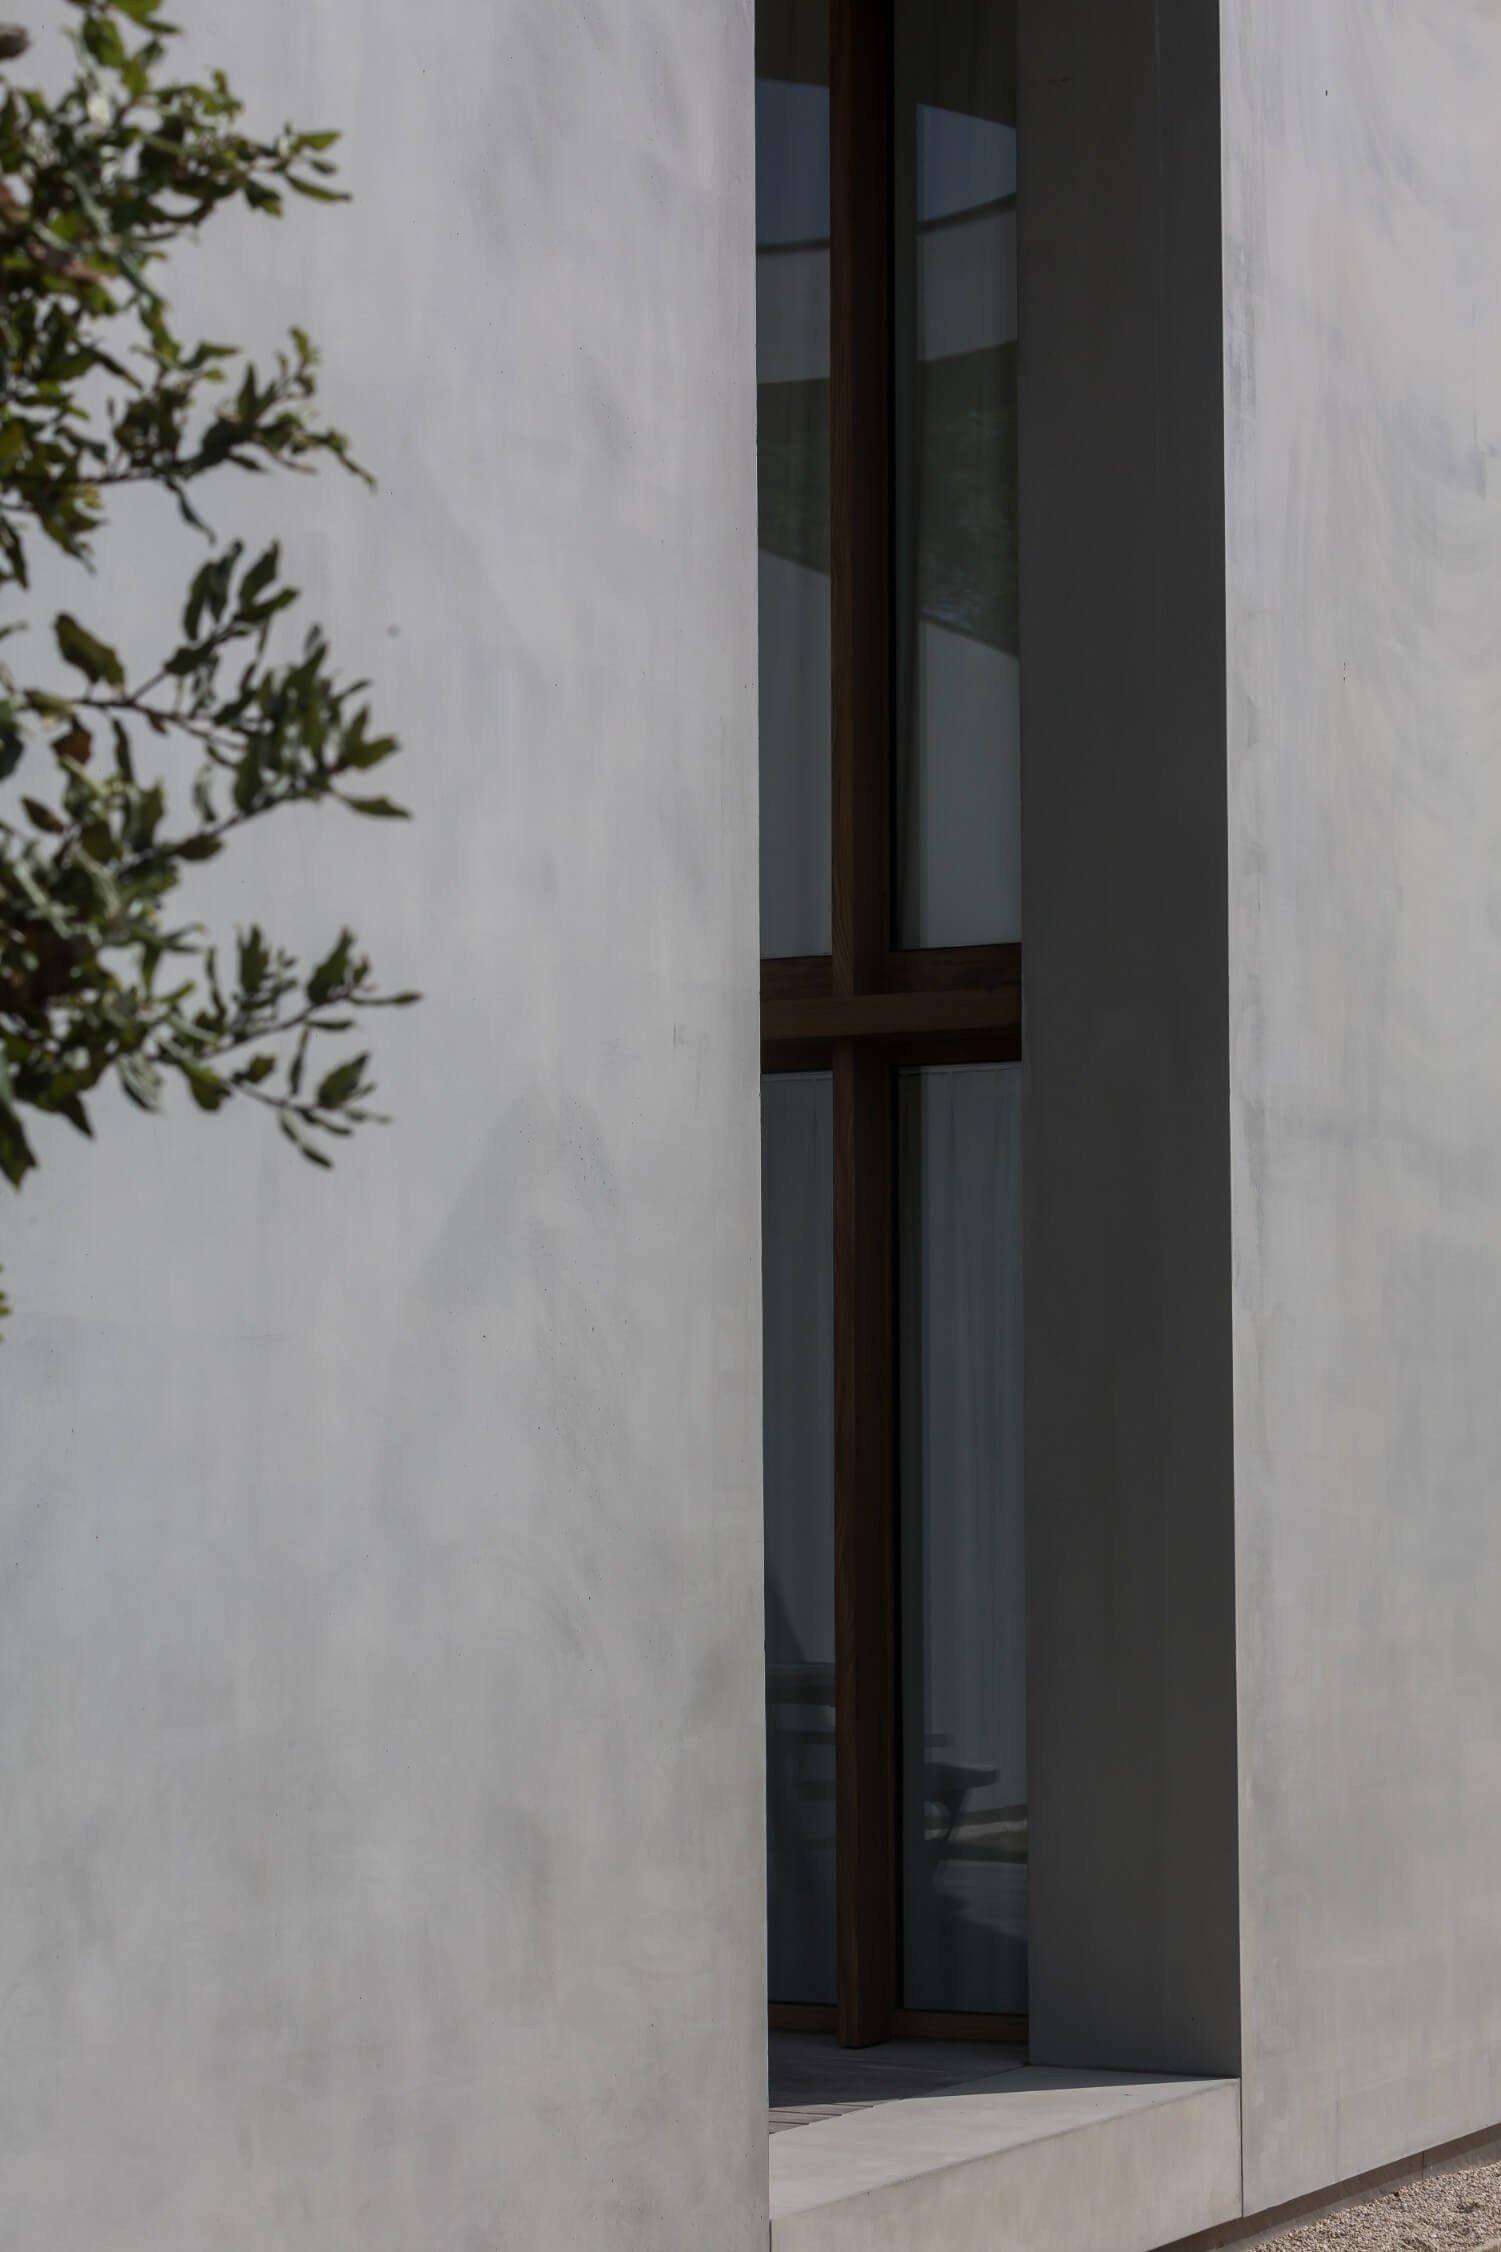 Rietveldprojects.be-HouseMC-villa-design-architectuur-kust61.jpg